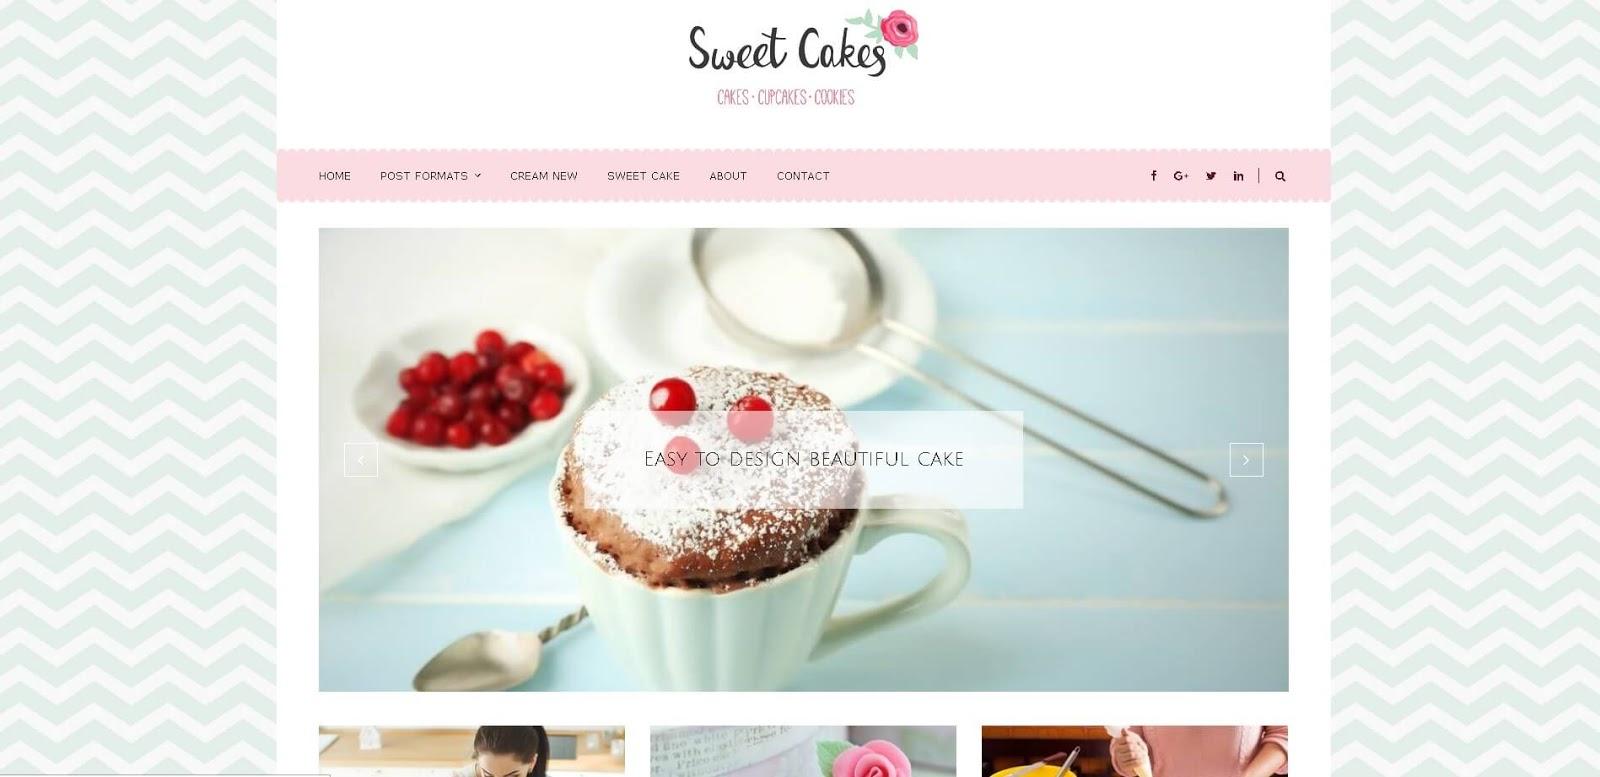 luchshie-temy-dlya-mamskogo-bloga-sweet-cakes